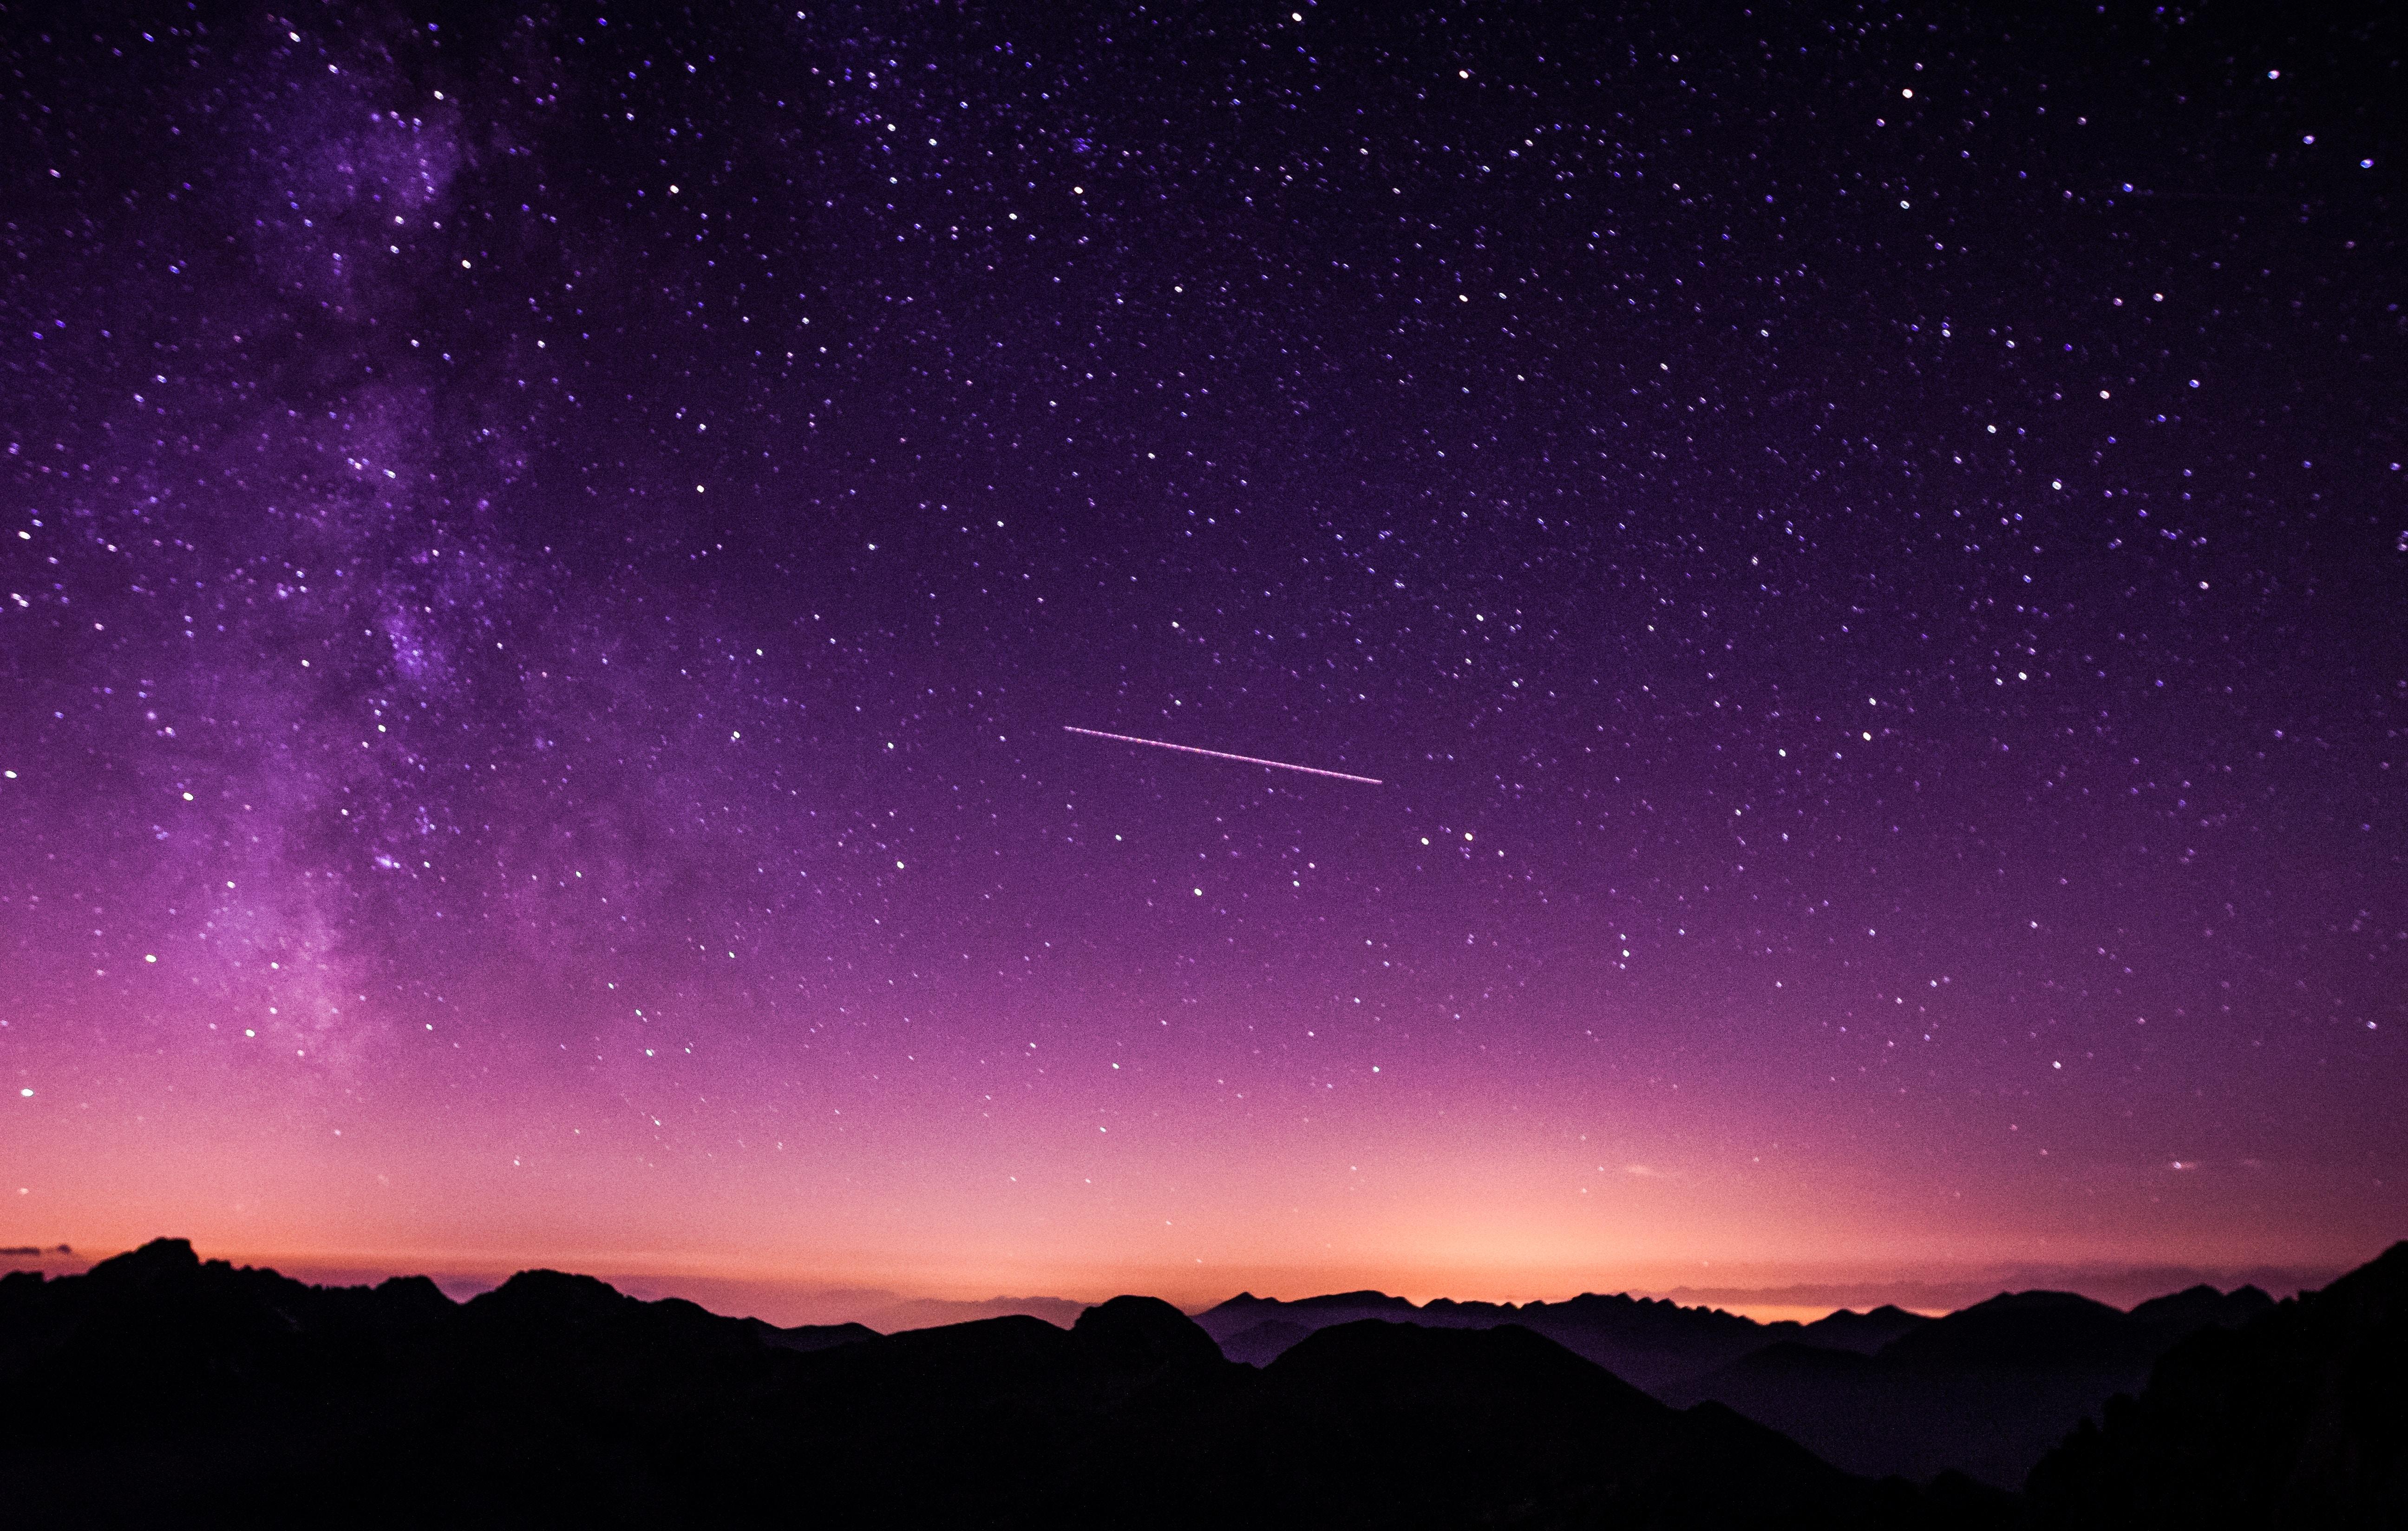 ハレー彗星の影響は?軌道と周期で次は2061年7月28日